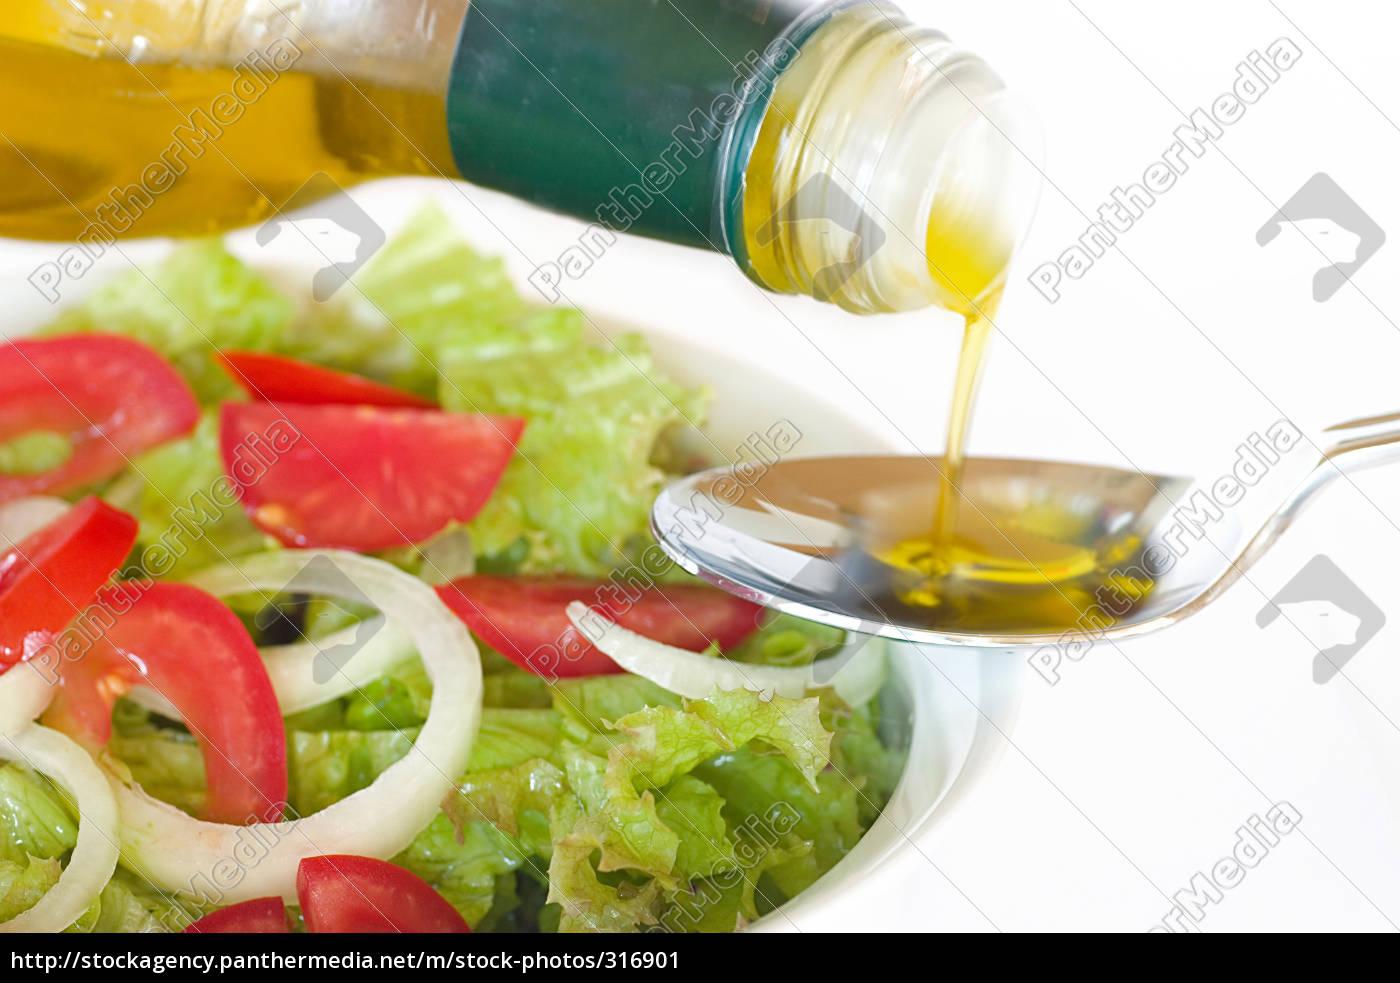 salad, oil - 316901